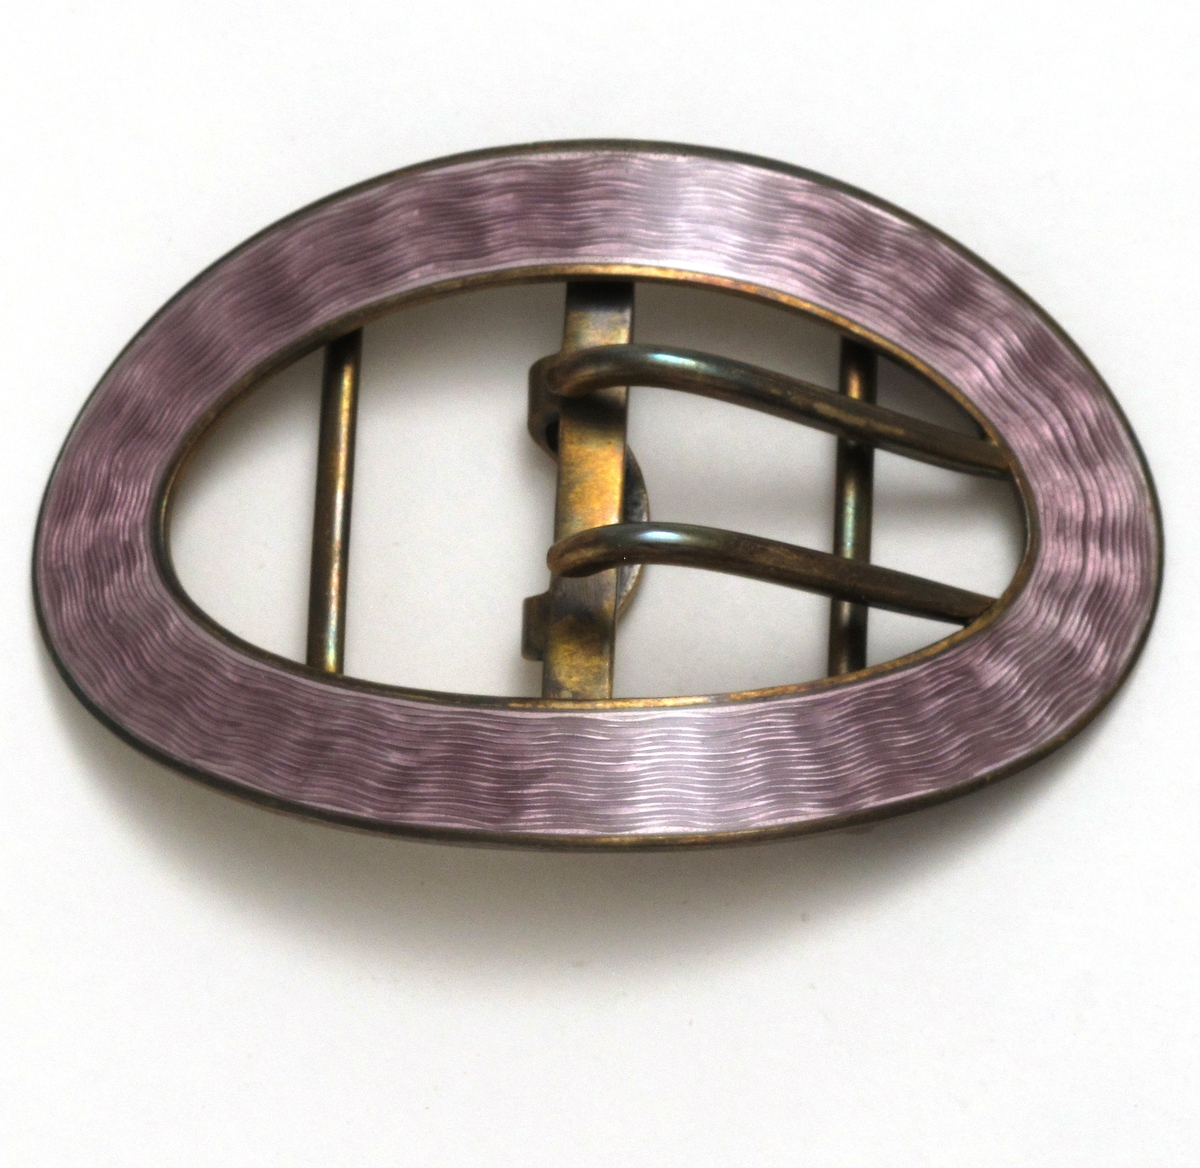 """Spenne og knappesett i etui   Sterlingsølv og emalje.  Stpl.  J. TOSTRUP 925 S.  a) Oval beltespenne med bleklilla emalje over guilochinert sølv, baks. forgylt, L. 7,8 Br. 5,3 cm.  b) Spissoval spenne (nål)L. 4,5 Br. 2, bleklilla etc.  c,d,e,e,f,g,h)    6 kvadratiske bluseknapper, 1x1, cm, bleklilla emalje over """"løpende hund""""' i sølv. Ustemplet.  i) Hvitt skinntrukket  etui, Innv silke og fløyel, stpl.  J. TOSTRUP: KRISTIANIA  Tilst. 1994: Helt ubrukt."""